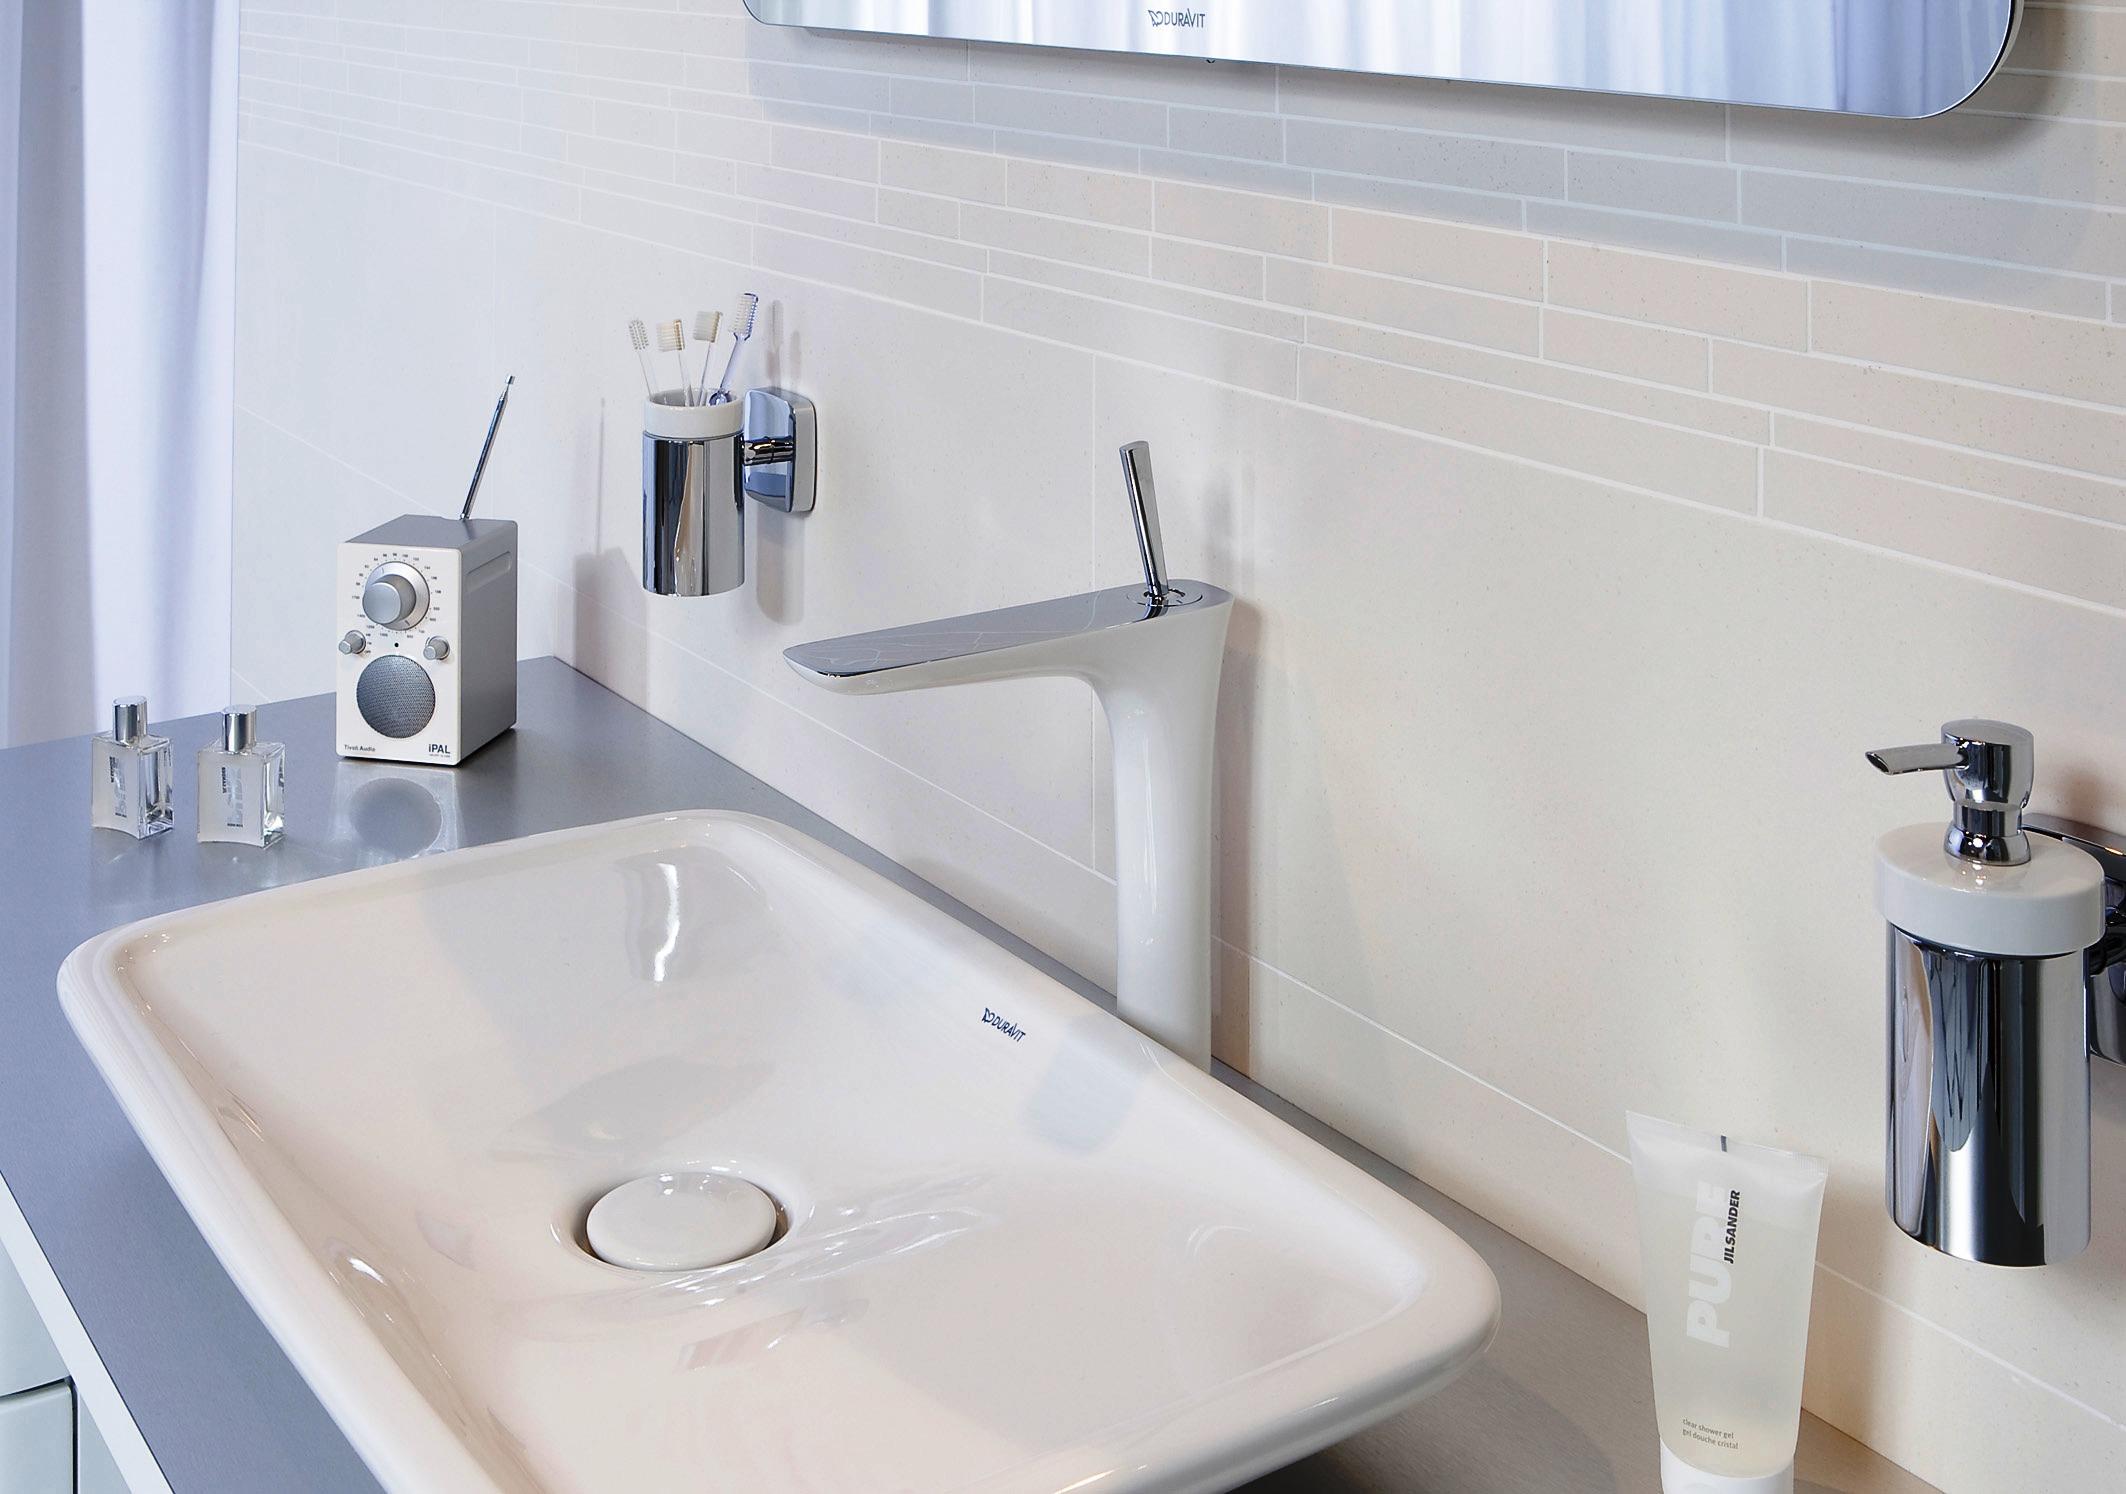 Смесители для раковины в ванной комнате: устройство, виды, выбор, модели - точка j